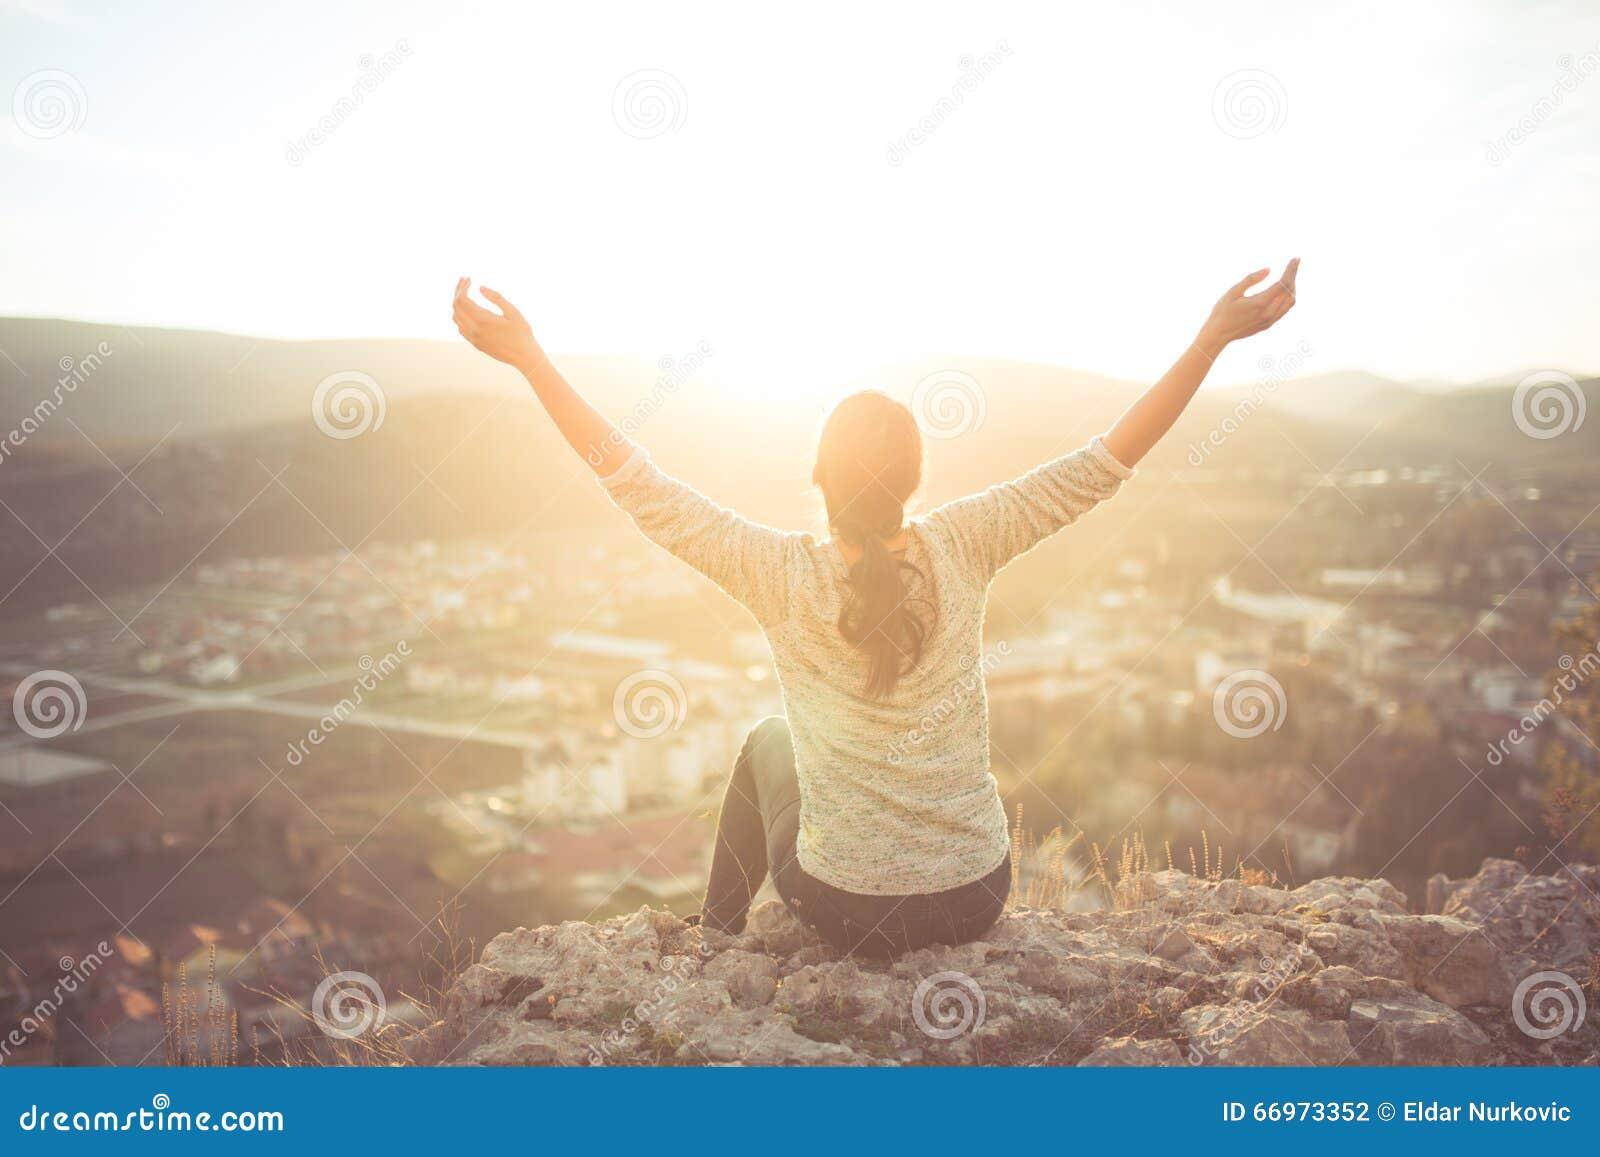 La donna felice spensierata che si siede sopra la scogliera del bordo della montagna che gode del sole sul suo fronte che solleva